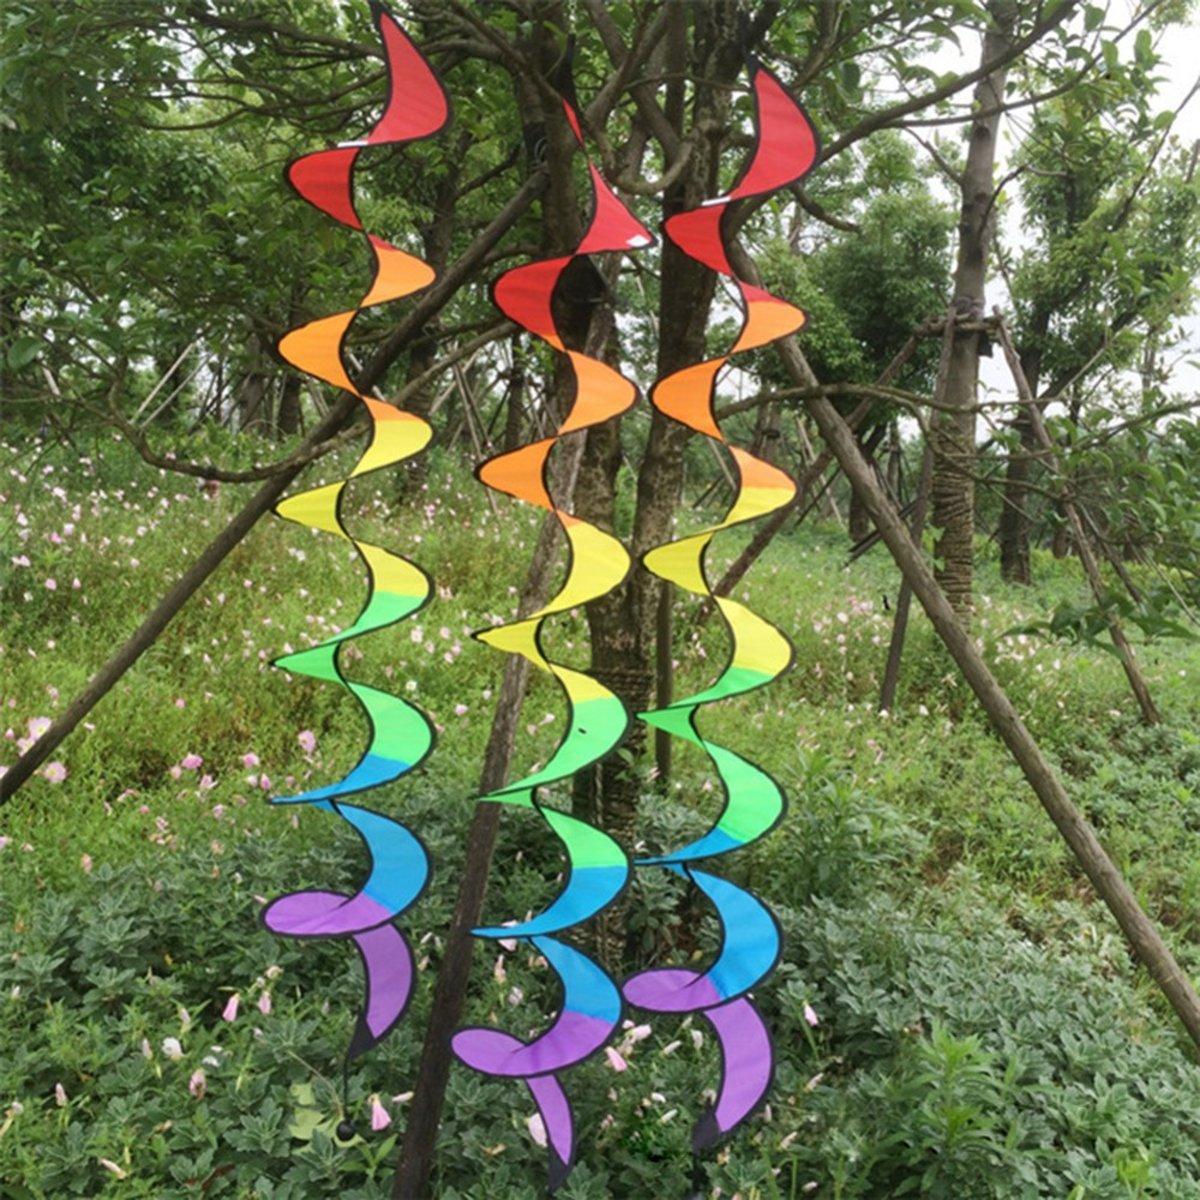 regenboog windspinner | windmolen | met draaibaar ophanghaakje |decoratie | tuin | tent kopen